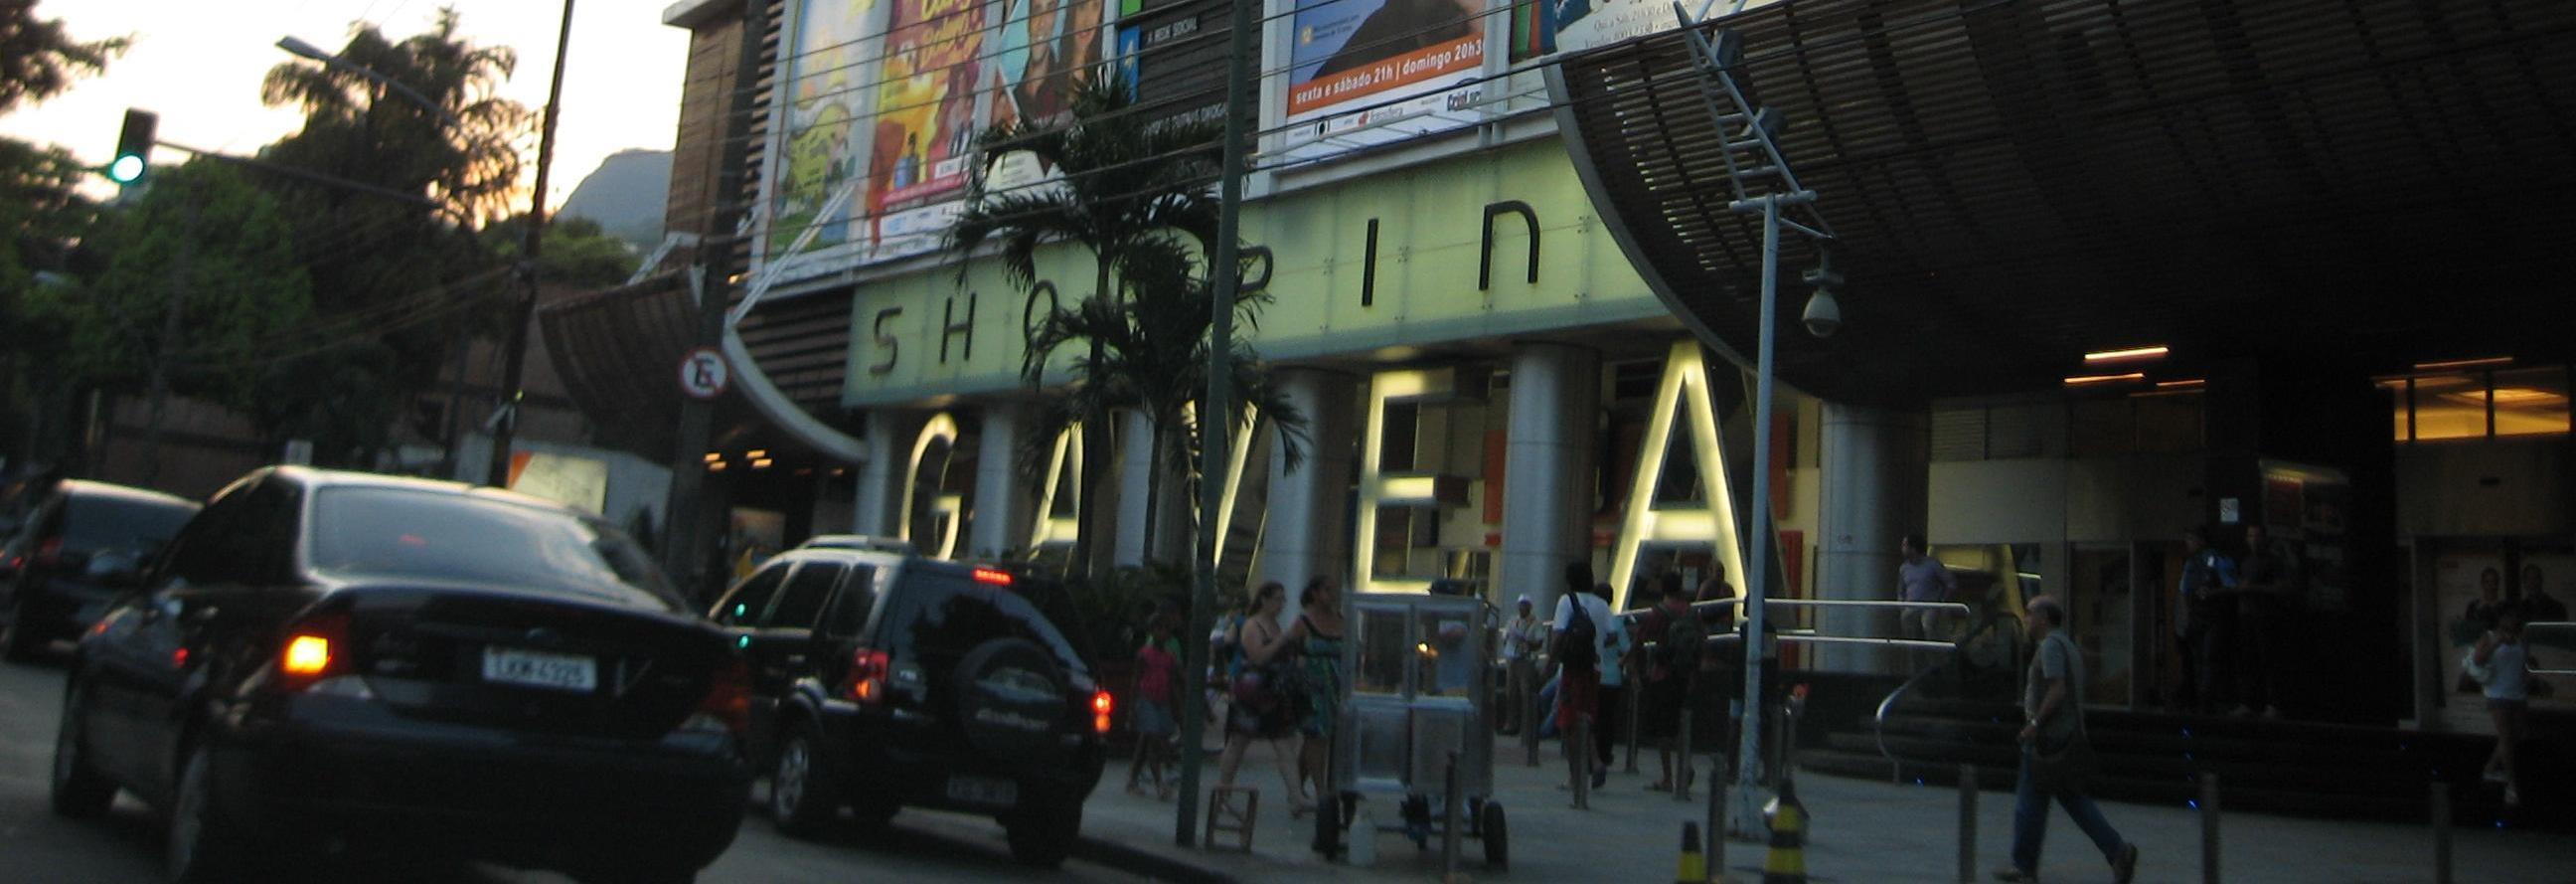 ShoppingDaGavea2_1425504416.89.jpg